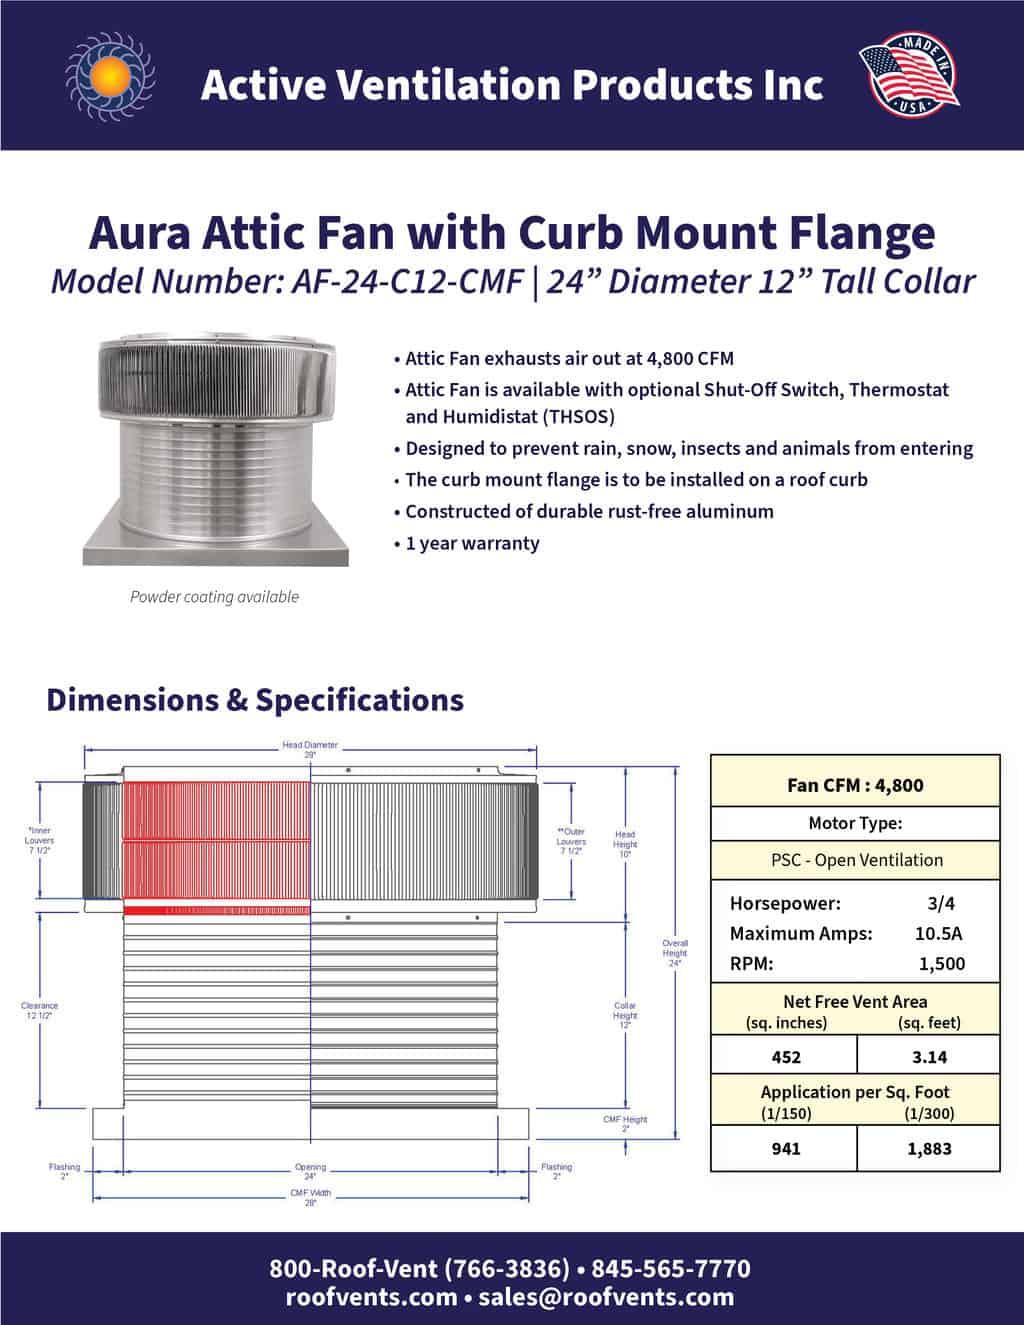 AF-24-C12-CMF-brochure An Exhaust Attic Fan